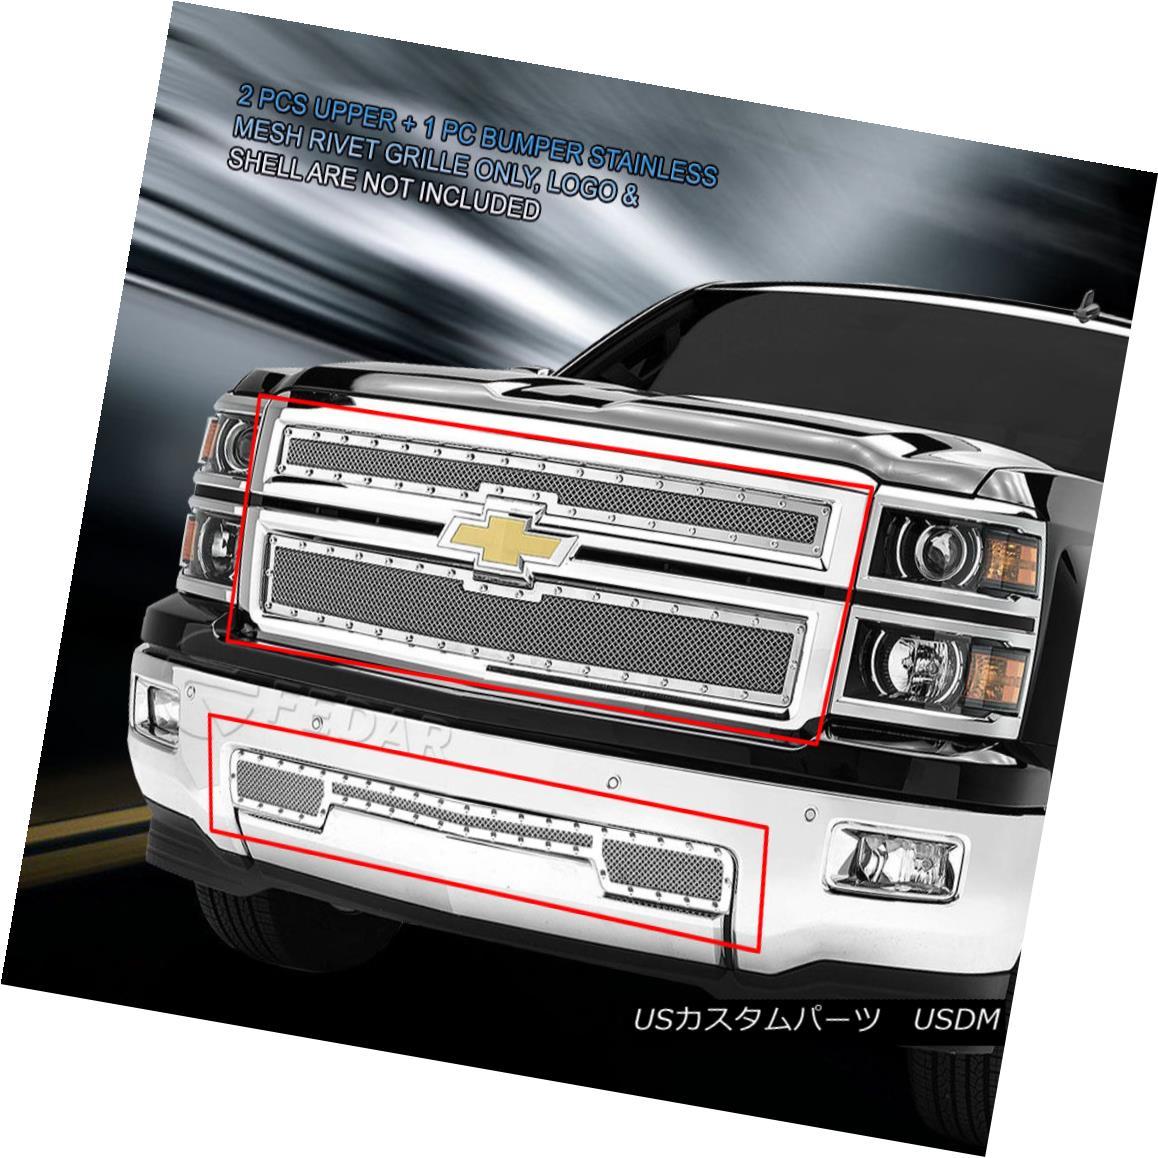 グリル 14-15 Chevy Silverado 1500 Stainless Steel Rivet Mesh Grille COMBO 3 Pcs Fedar 14-15シボレーシルバラード1500ステンレススチール製リベットメッシュグリルコンボ3個入りFedar